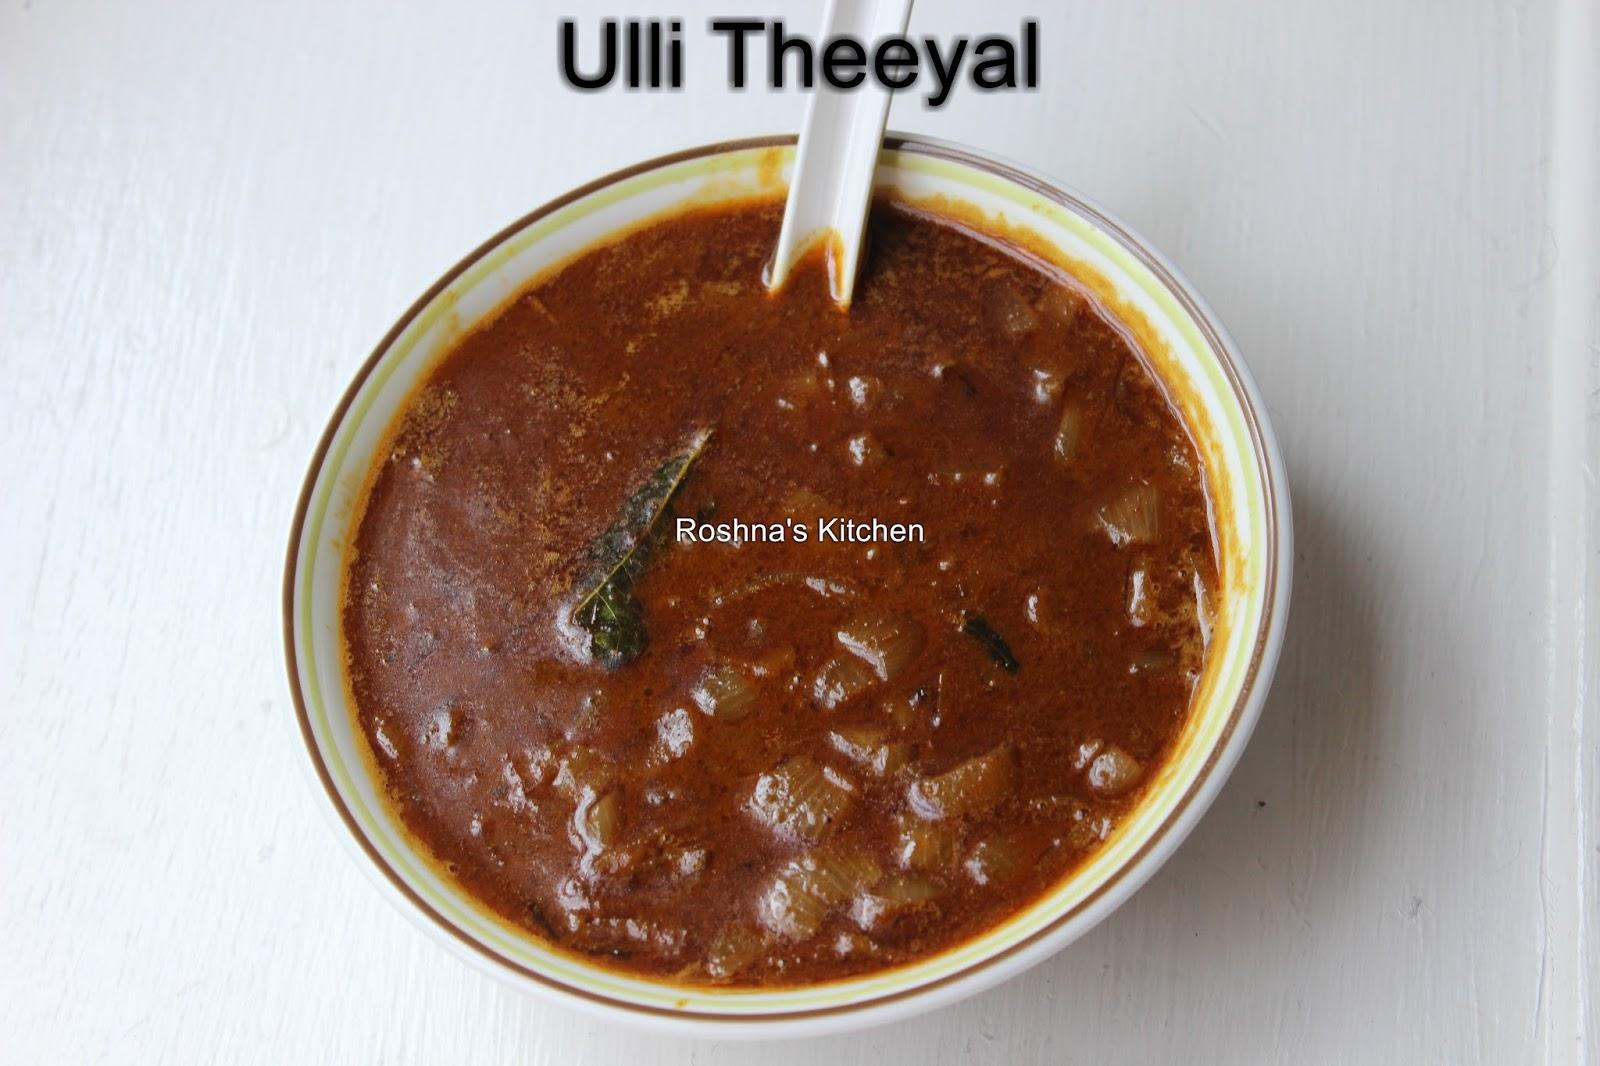 Ulli-theeyal